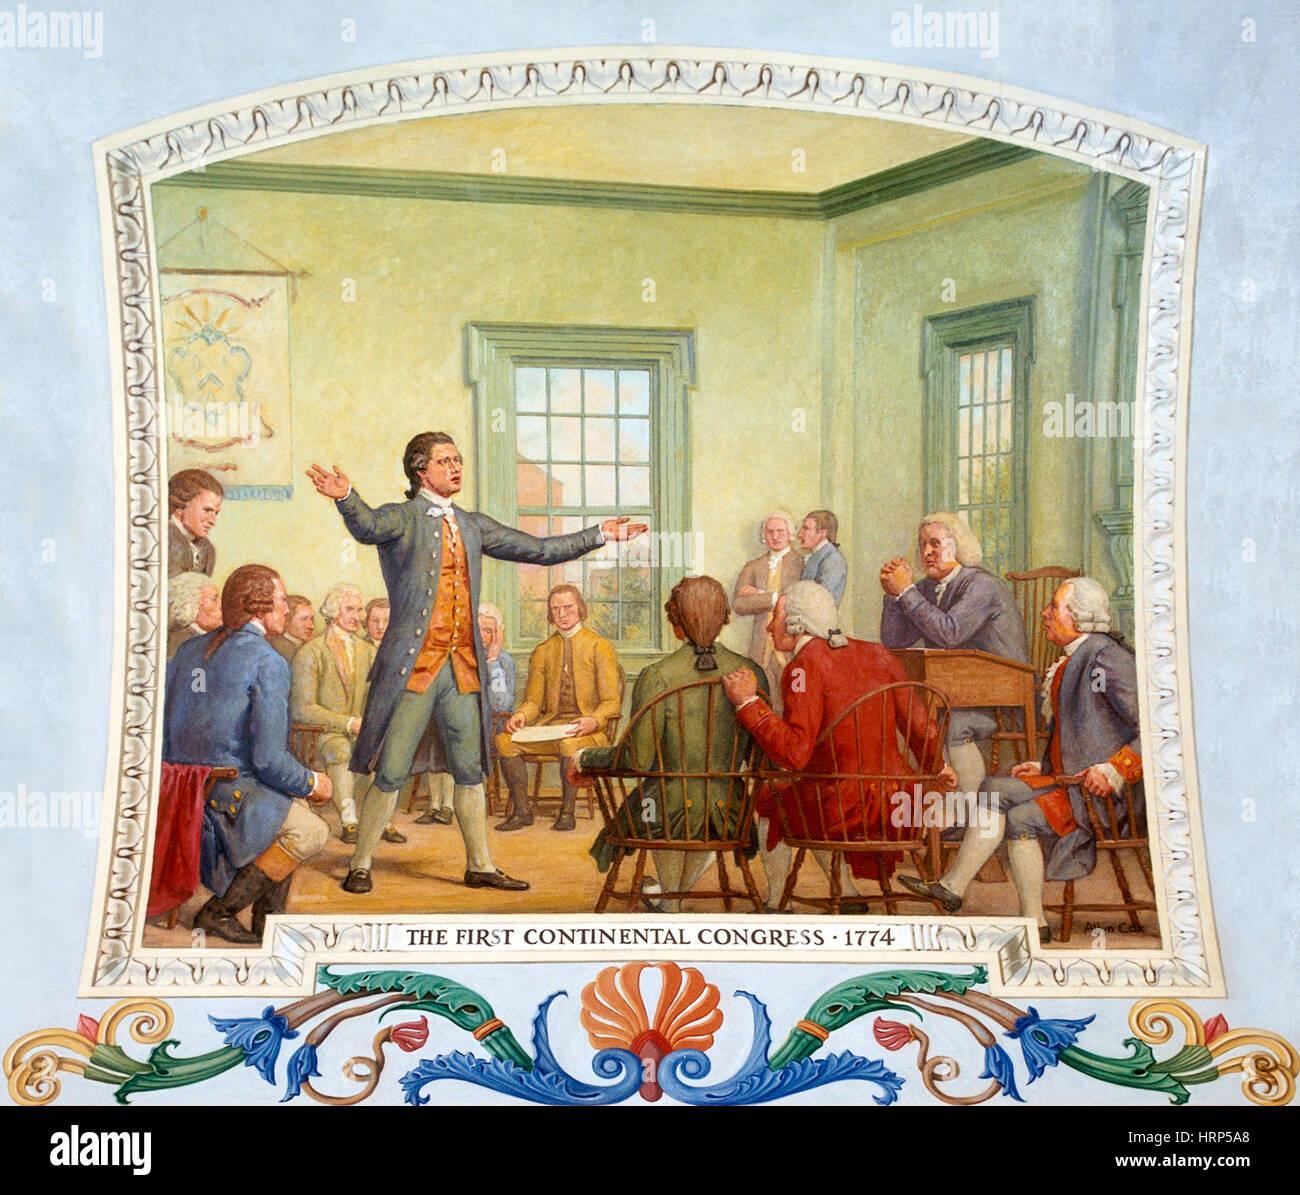 Patrick Henry, ersten Kontinentalkongress 1774 Stockbild